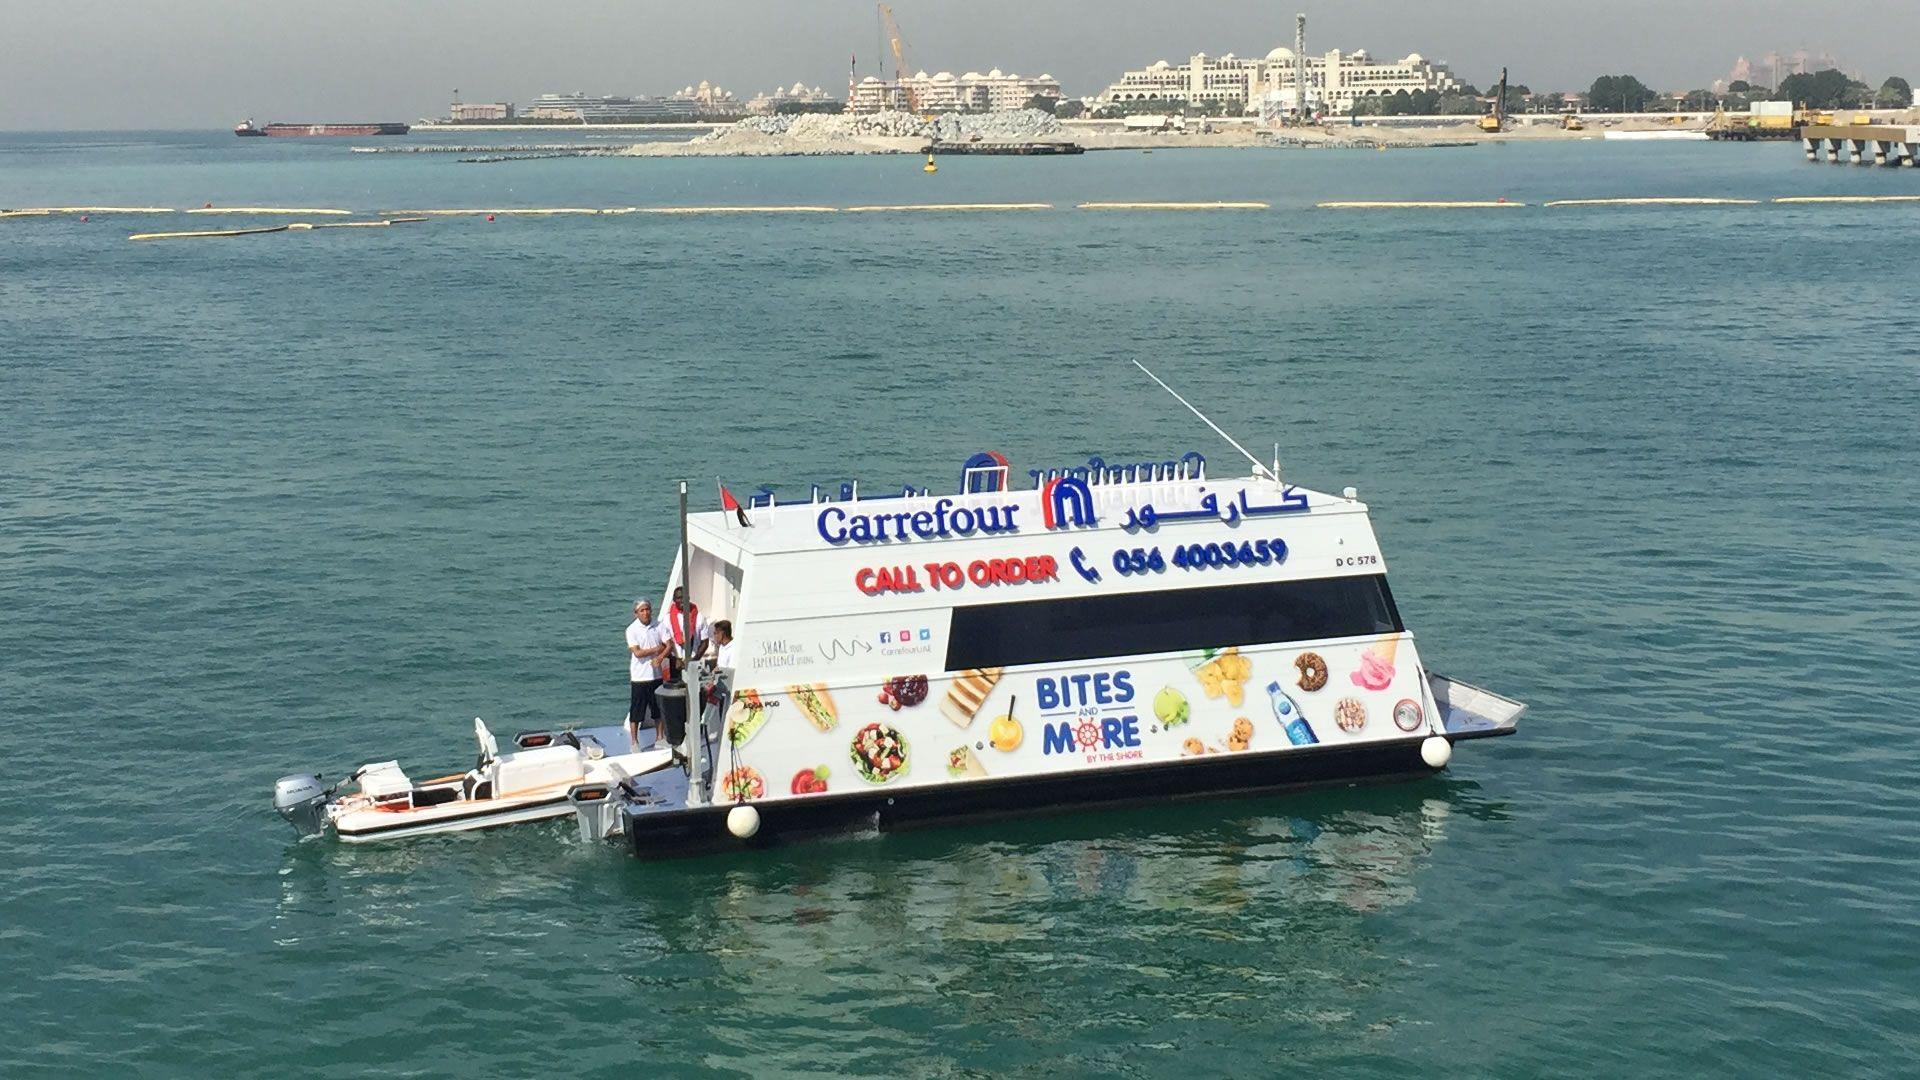 Carrefour lanzó su primer supermercado flotante en Dubái: Aqua Pod